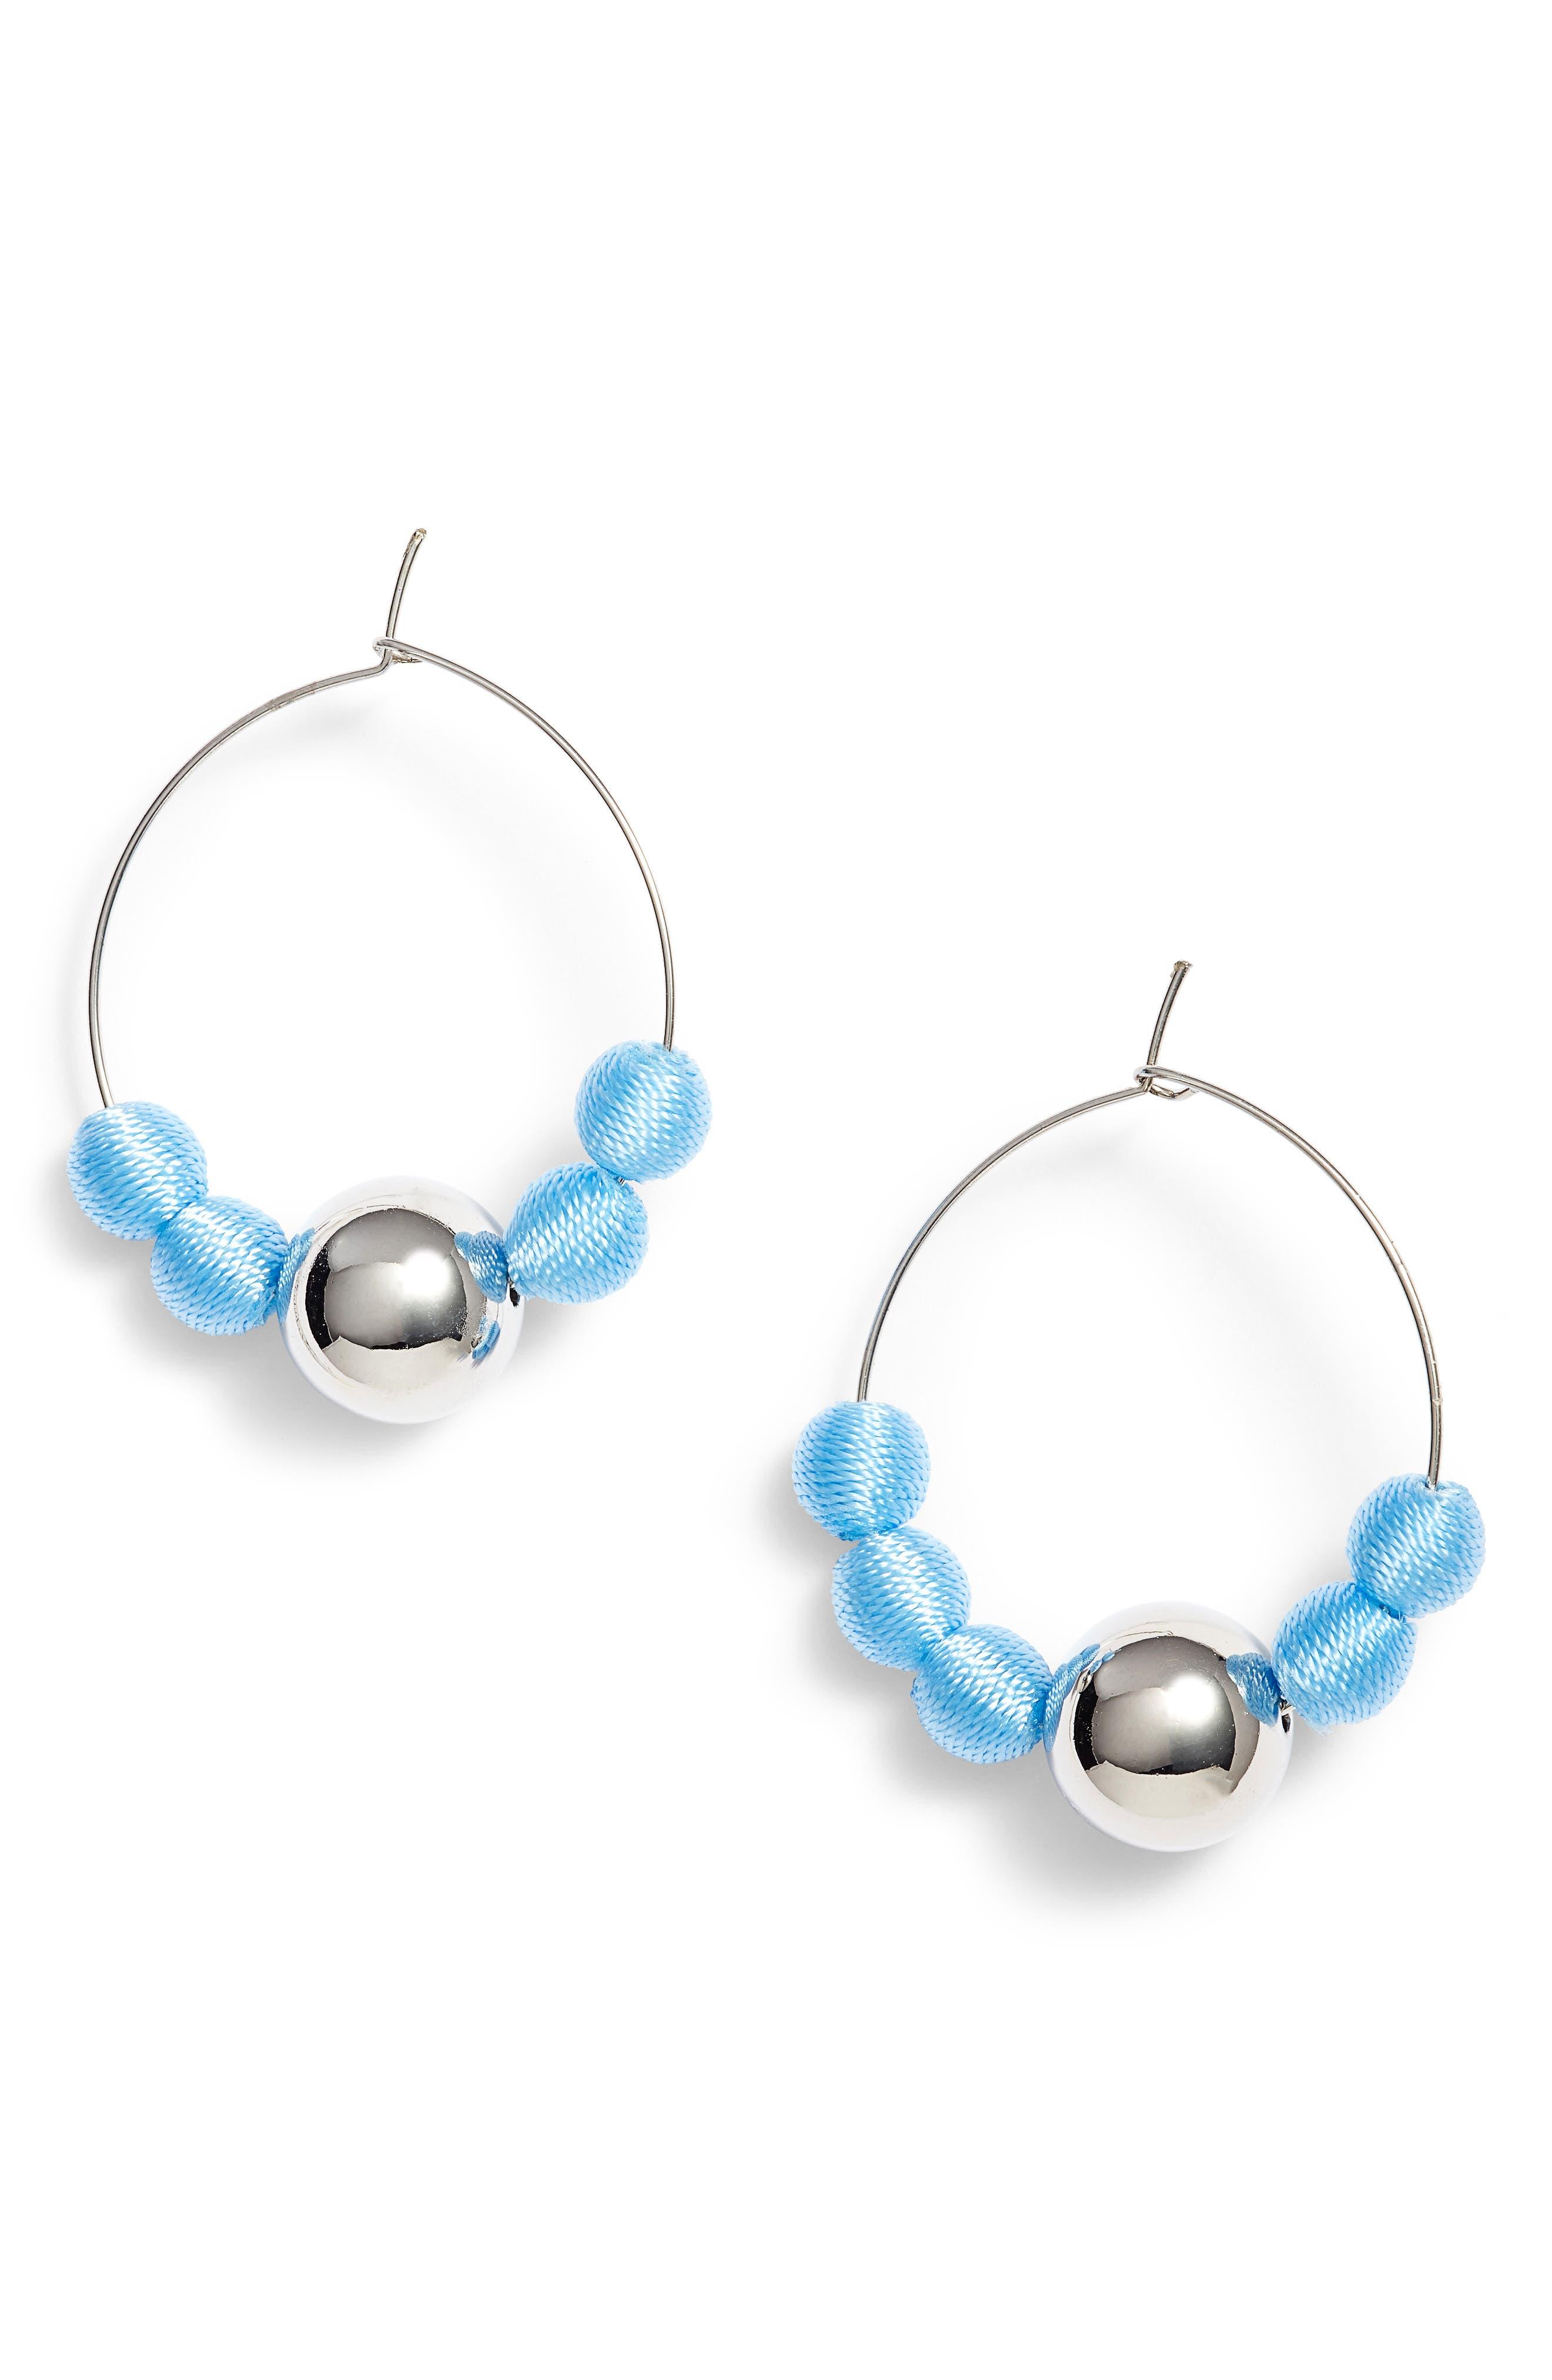 Threaded Sphere Hoop Earrings,                         Main,                         color, 040